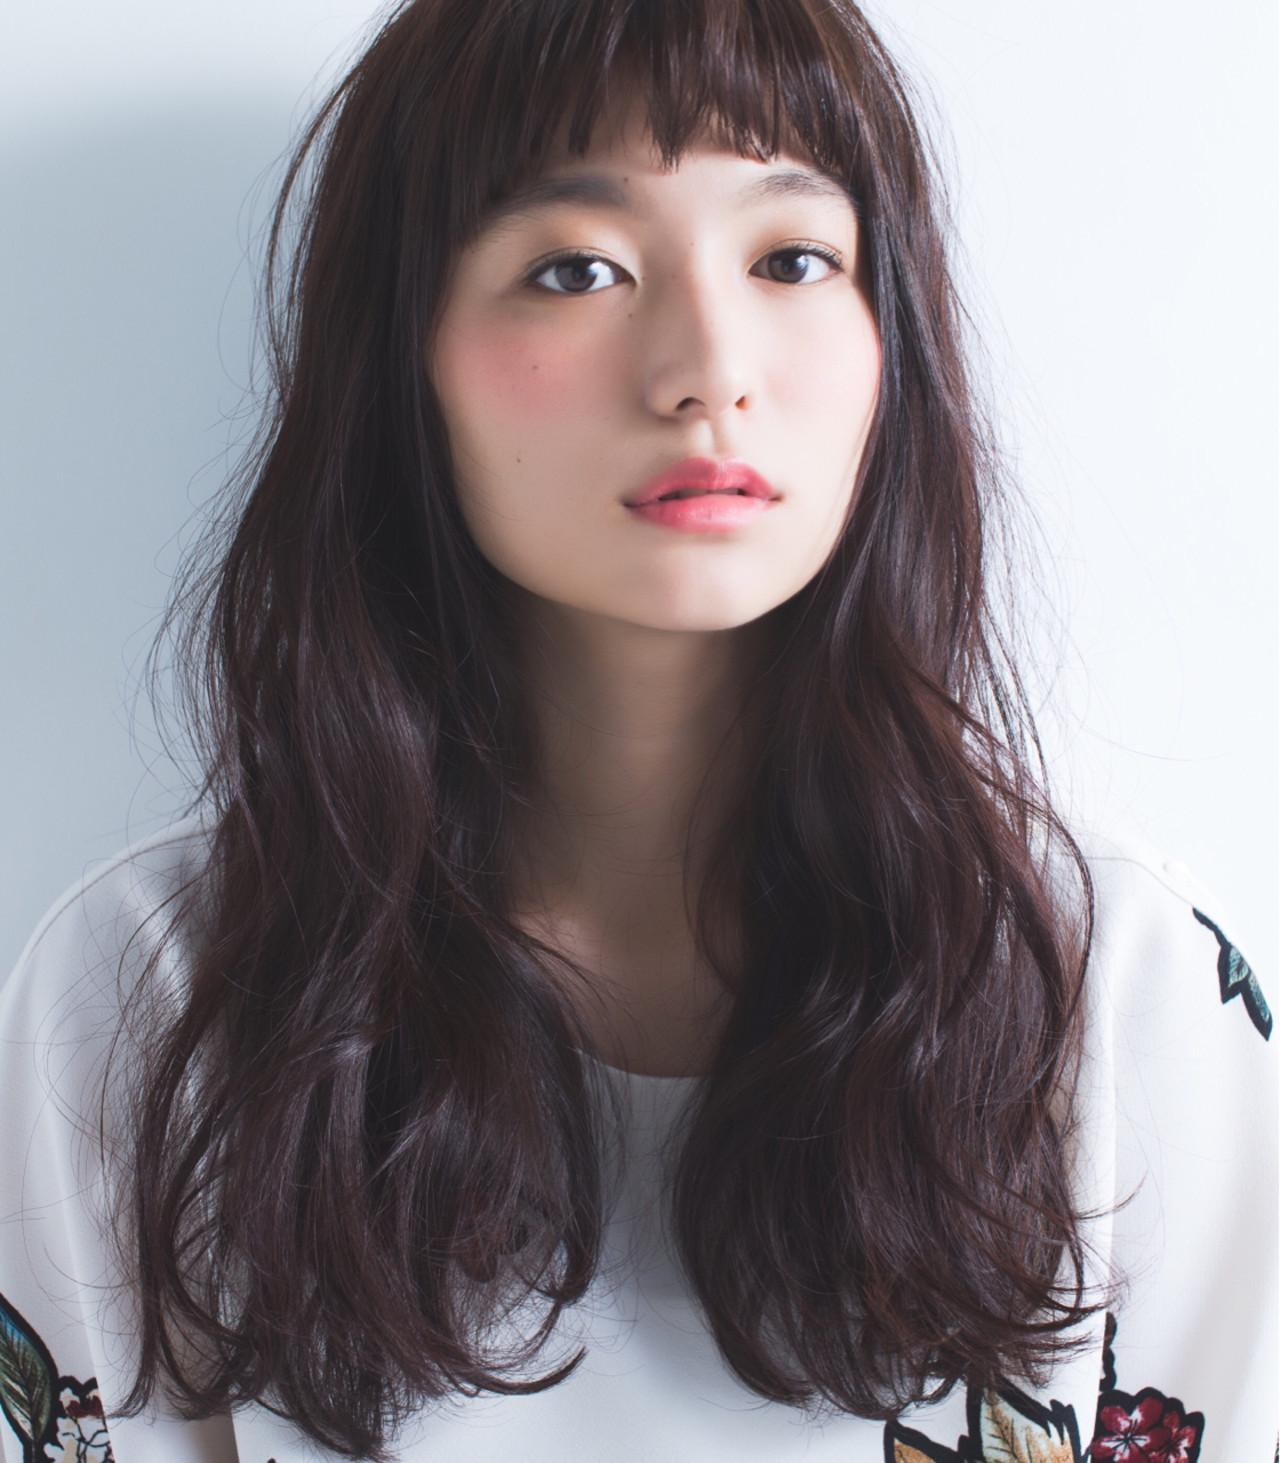 ロング 暗髪 冬 黒髪 ヘアスタイルや髪型の写真・画像 | 小林 完/K I L L A / KILLA